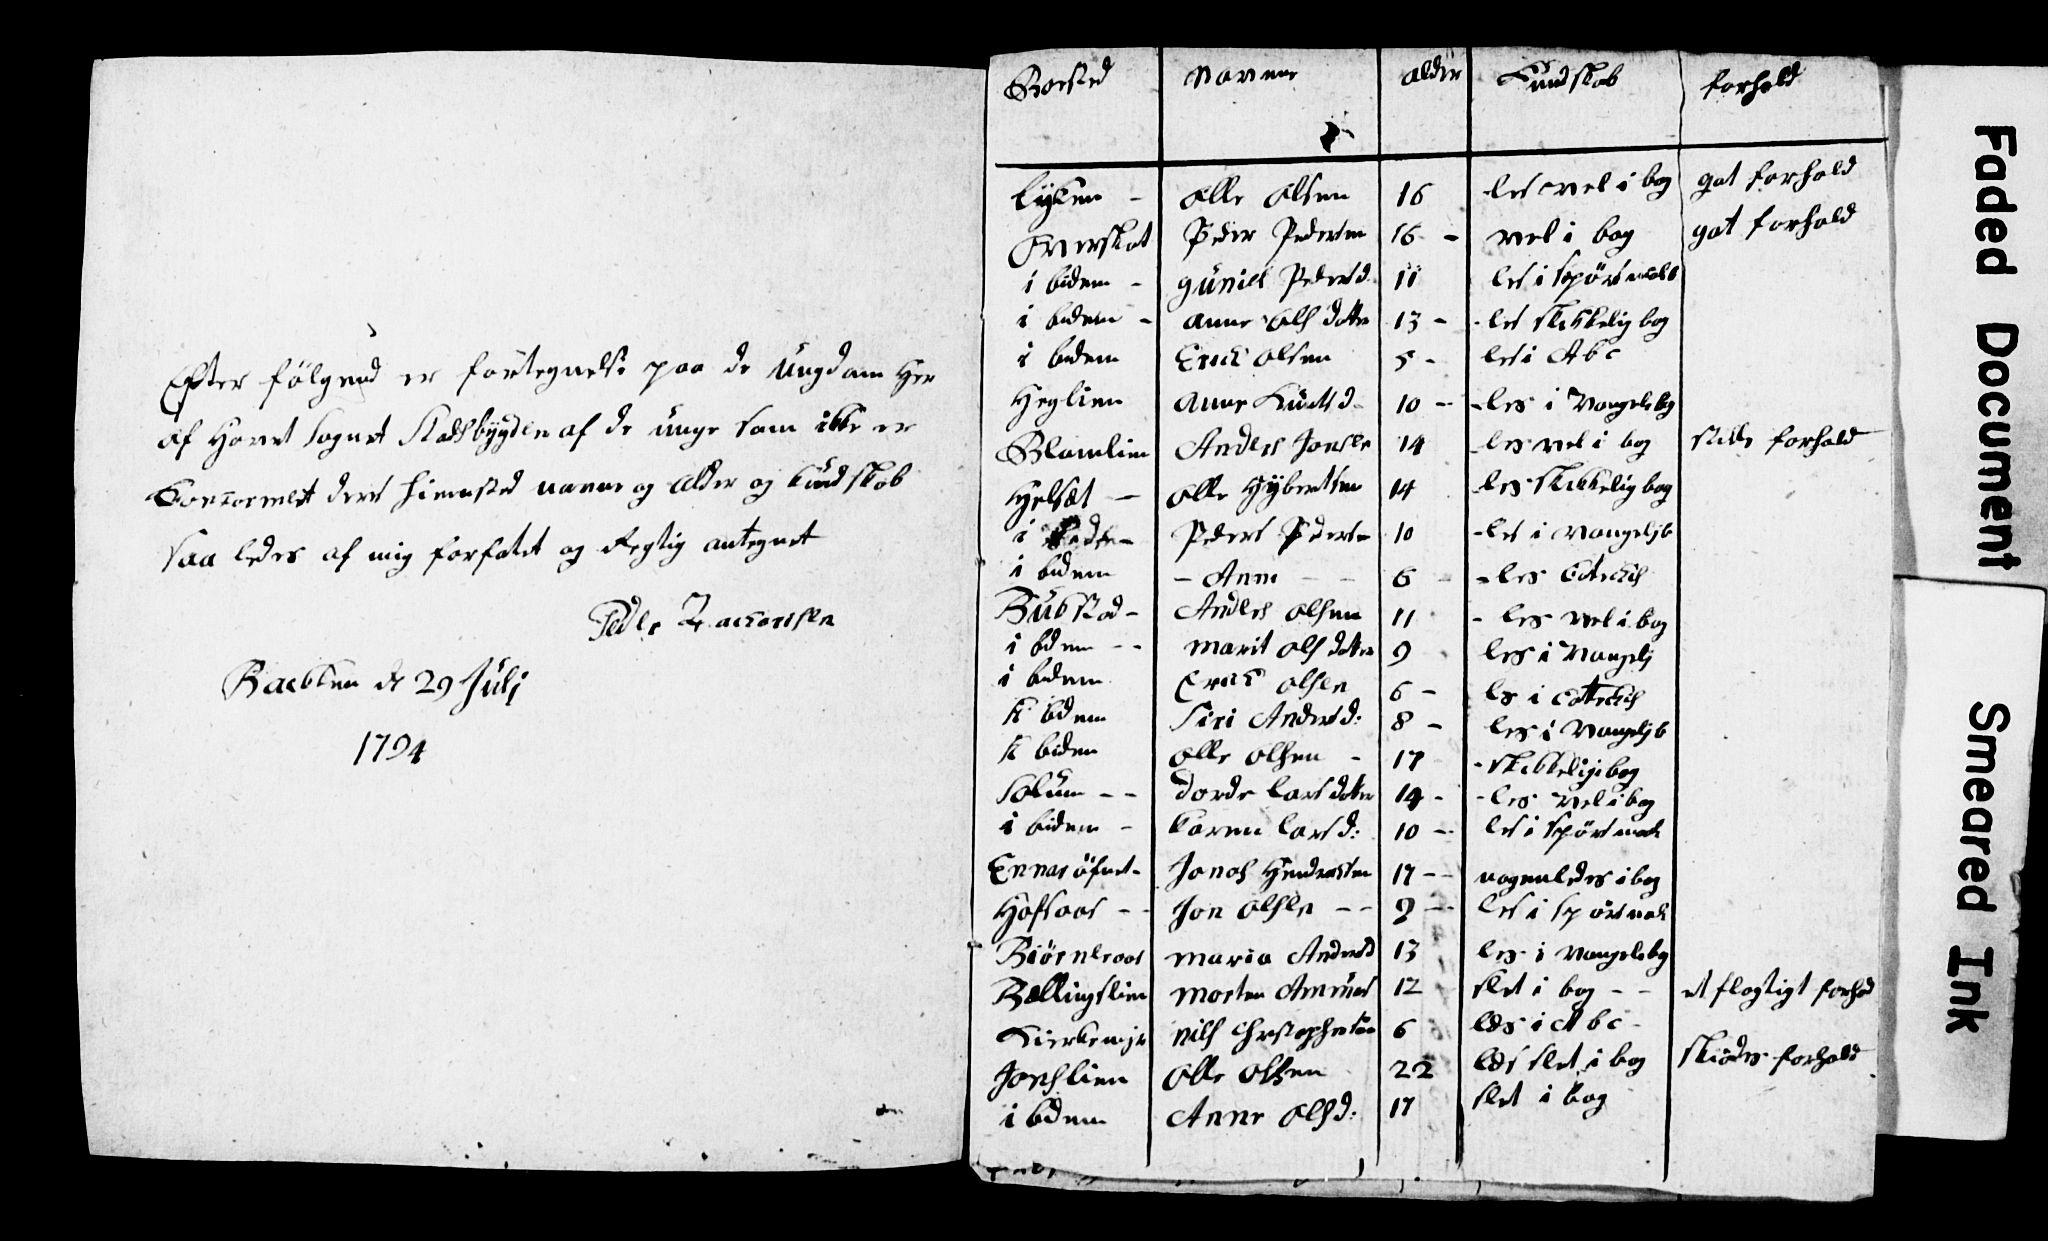 SAT, Fosen prosti*, 1794